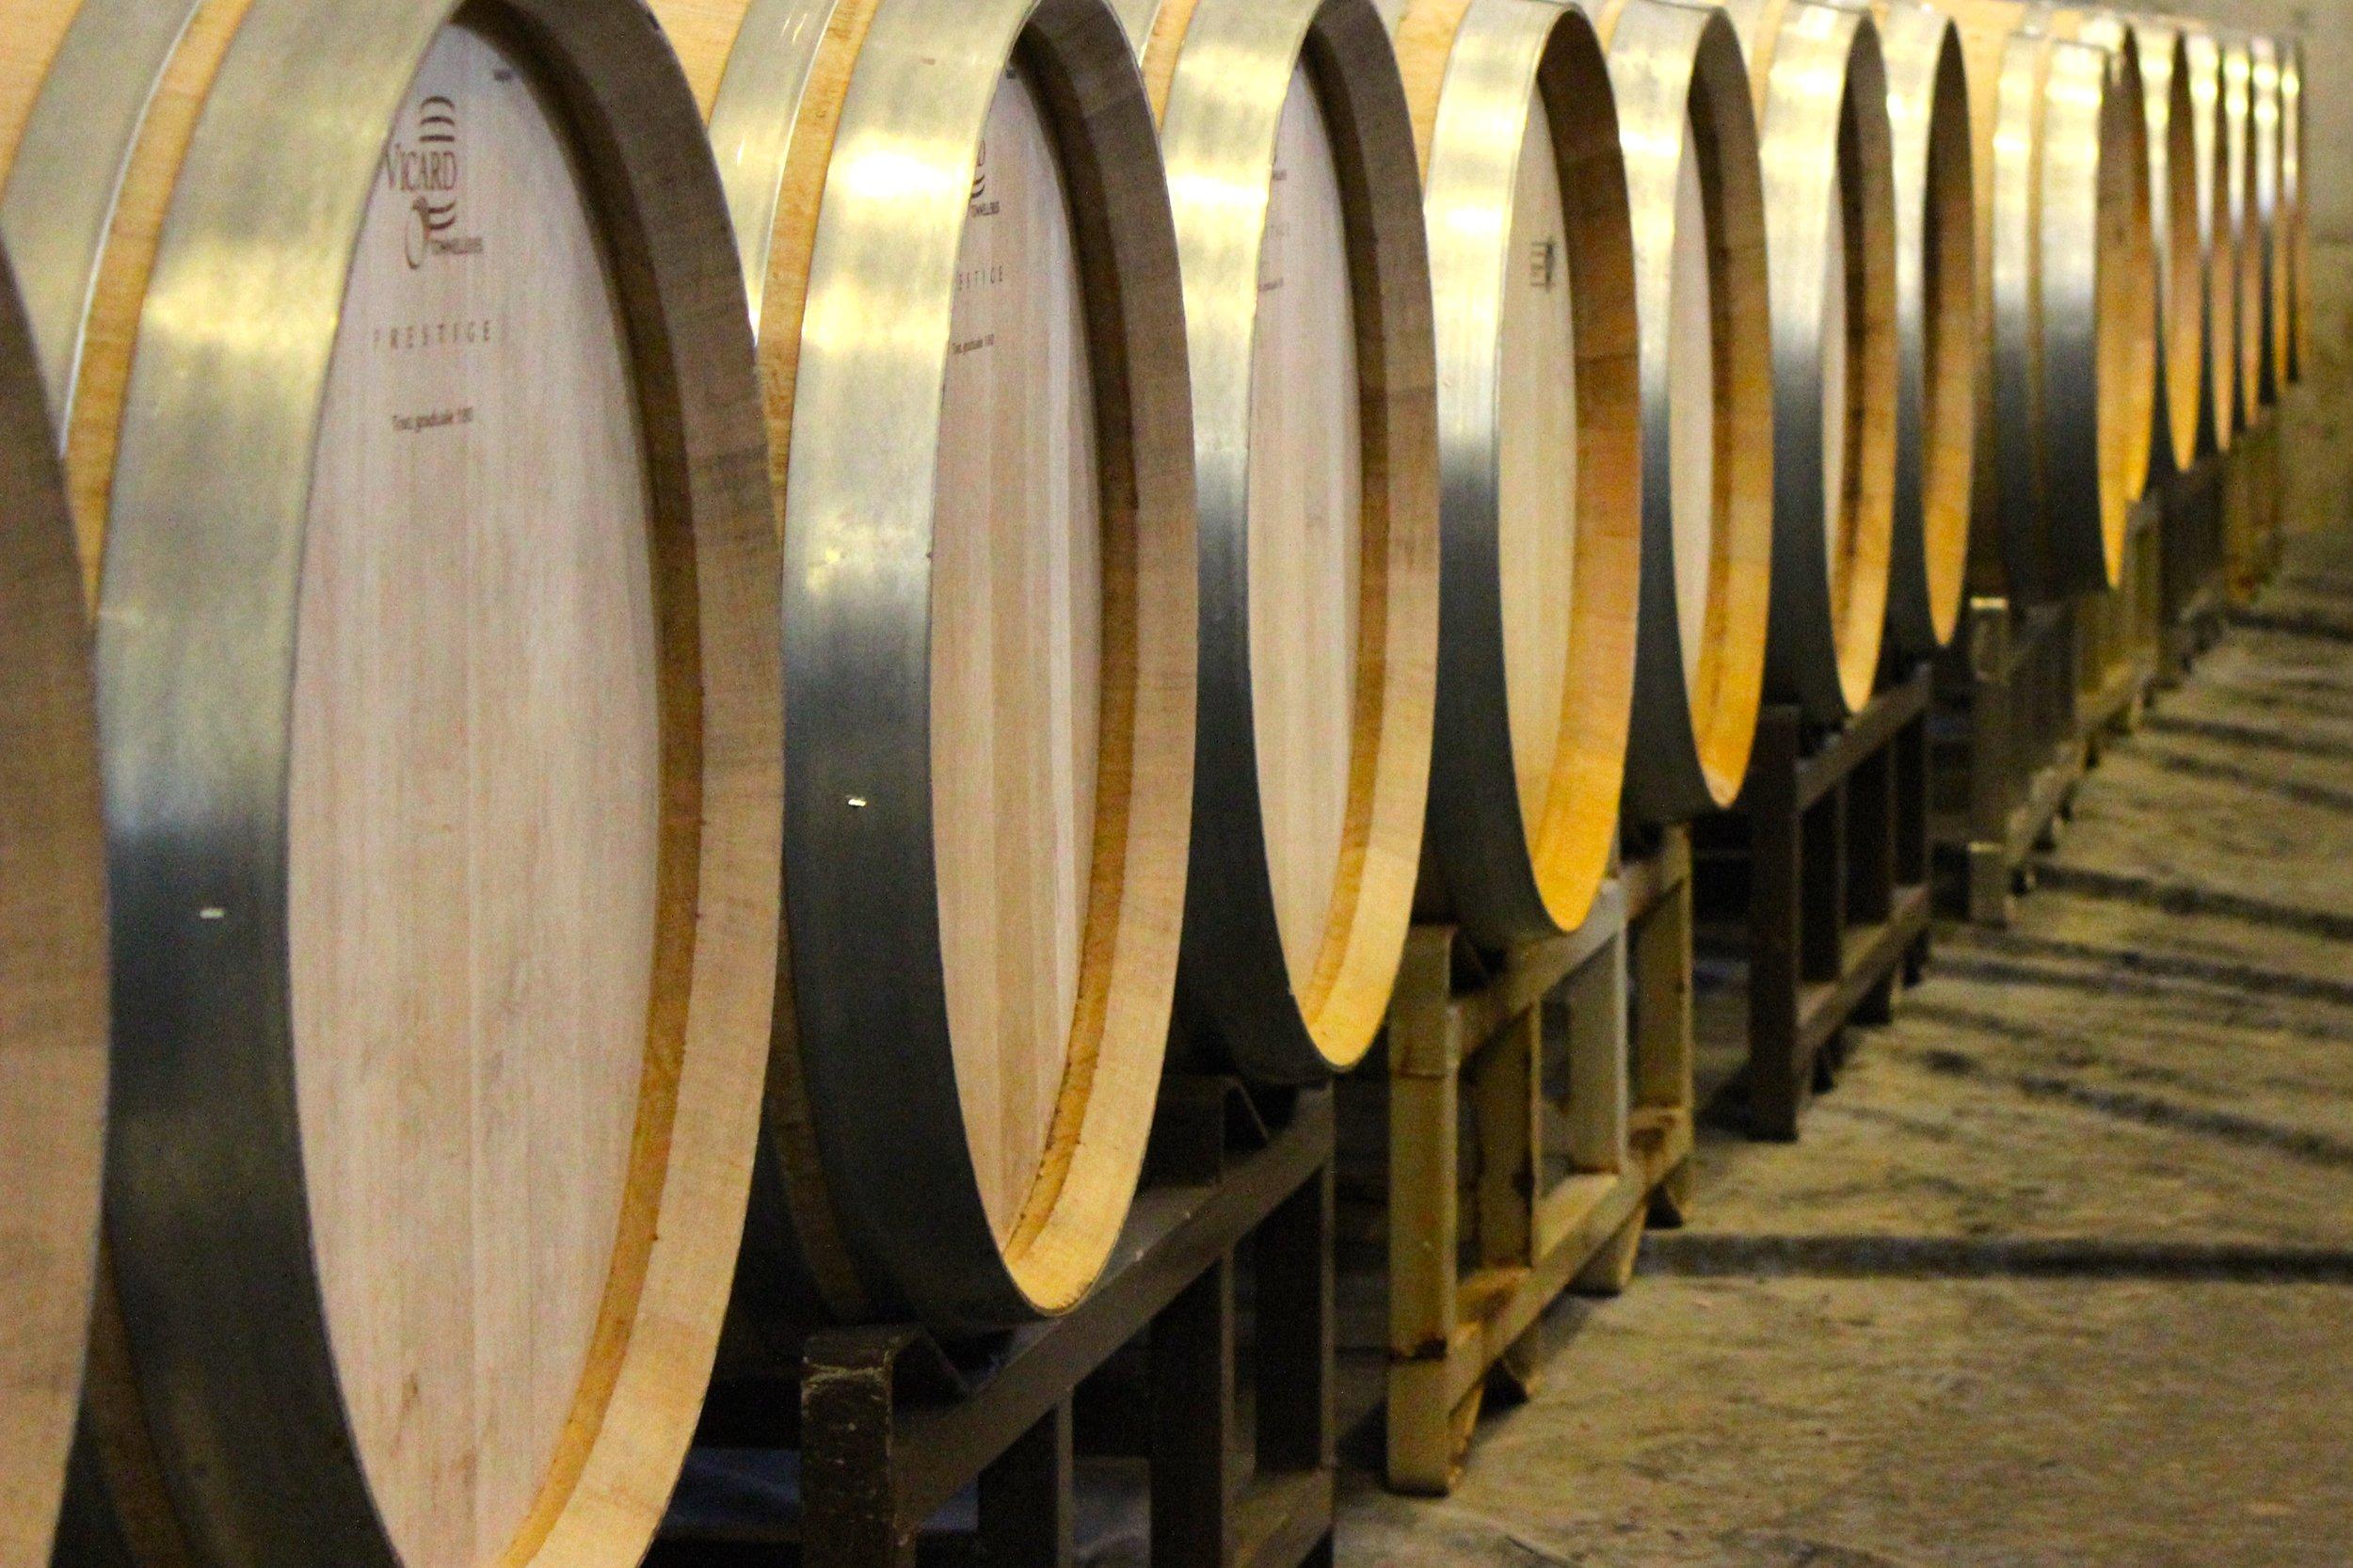 J. Maki Winery